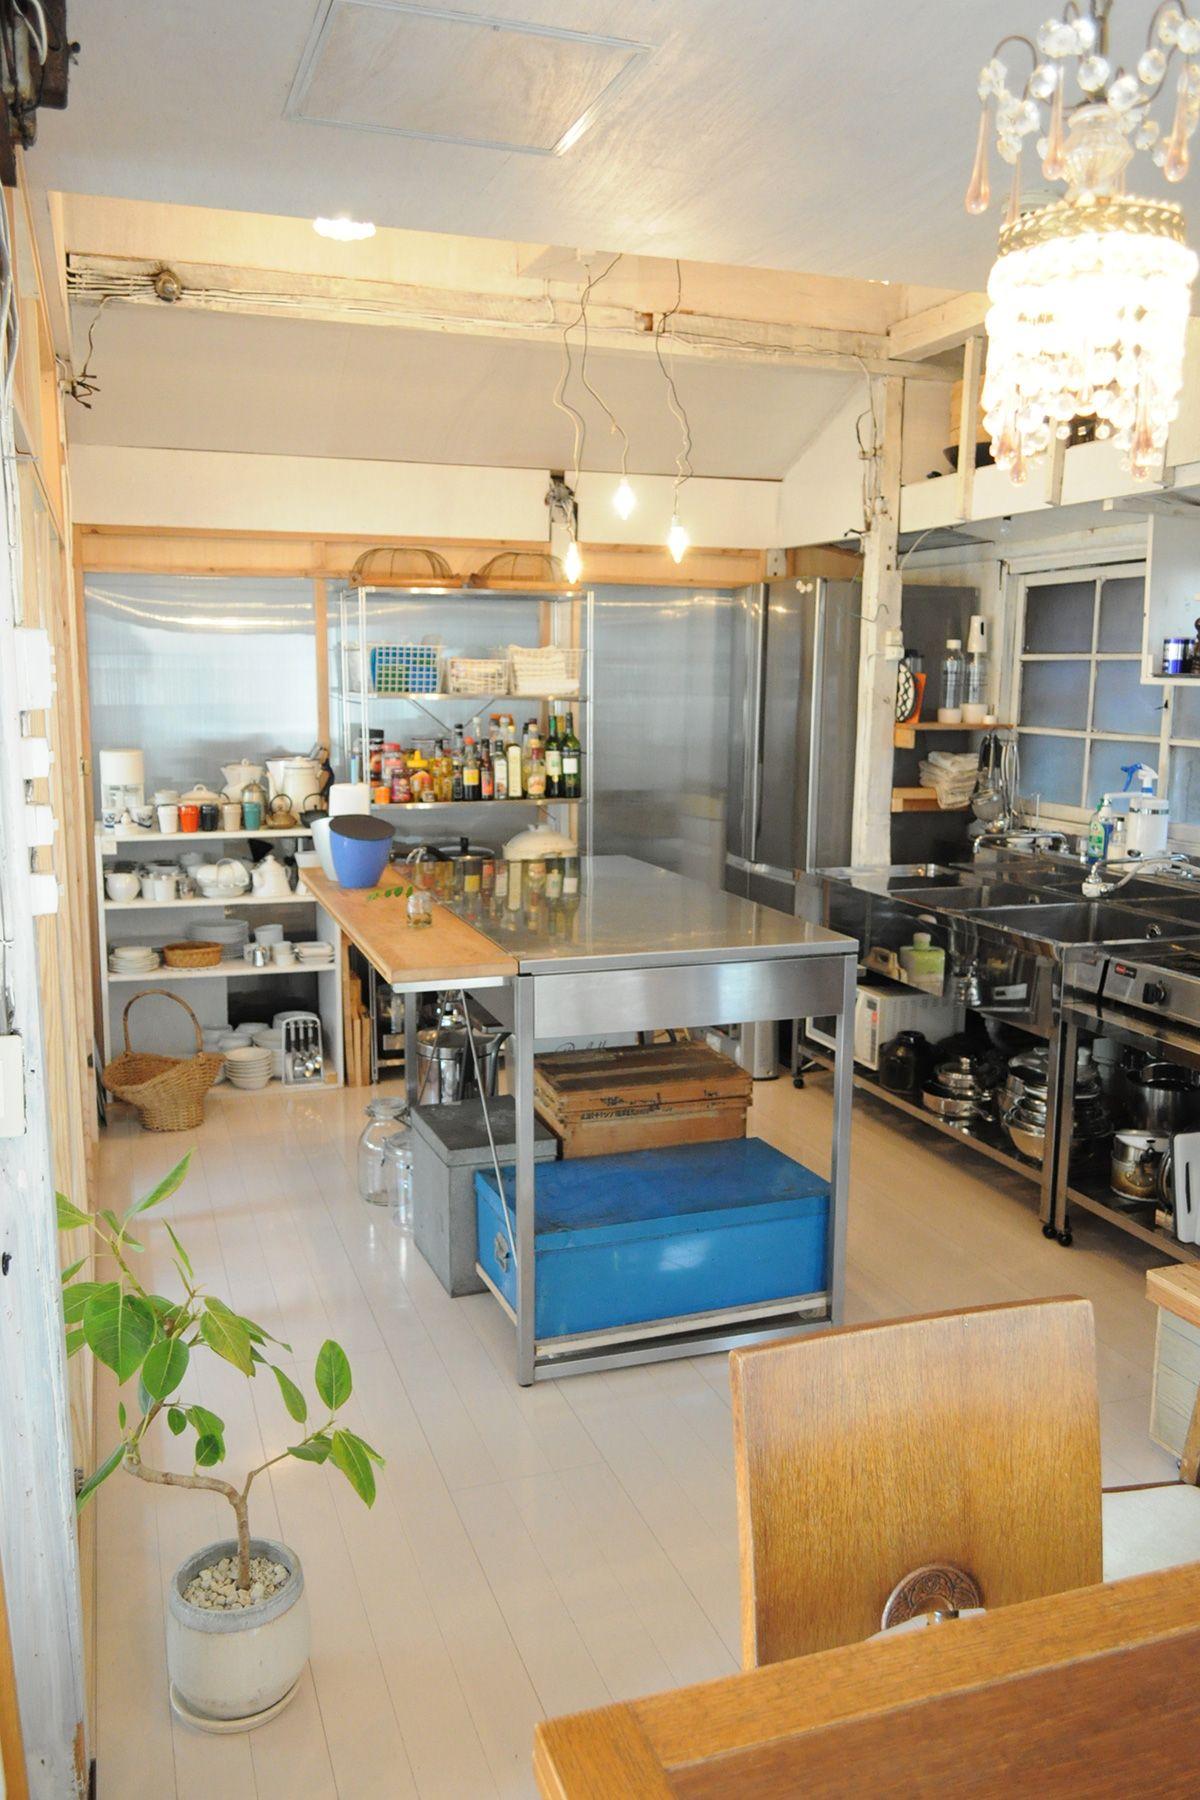 STUDIO HATCH(スタジオ ハッチ)1Fキッチン